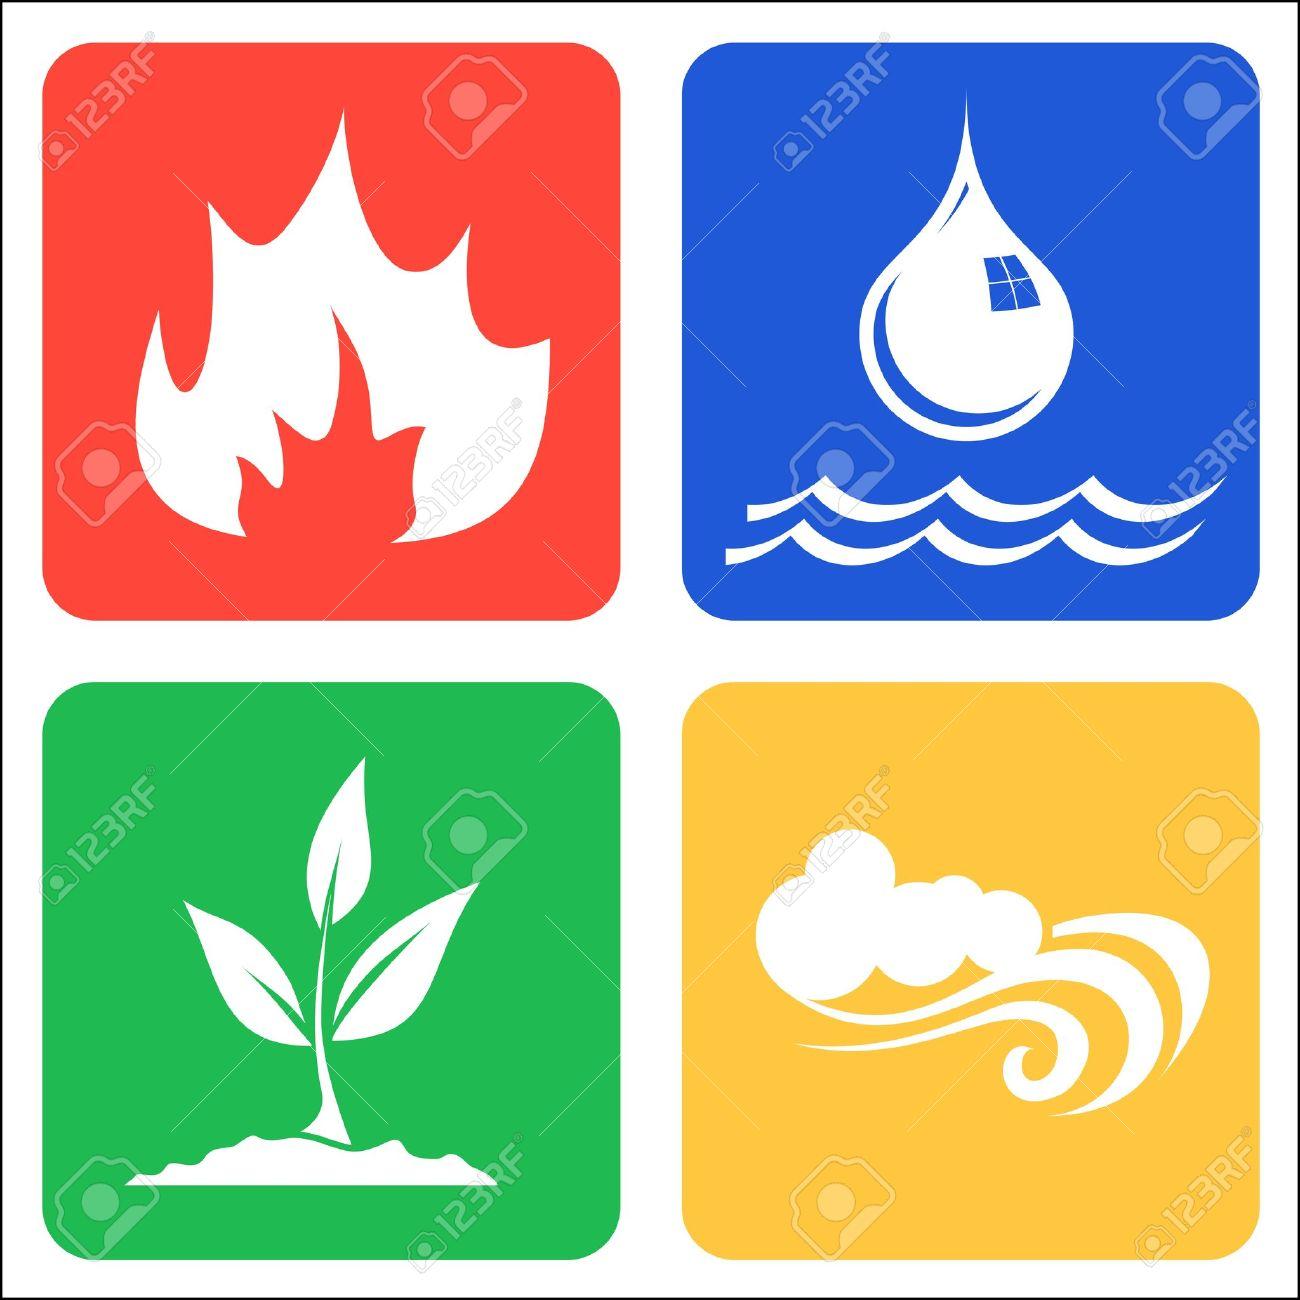 http://previews.123rf.com/images/vladischern/vladischern1209/vladischern120900004/15326882-Symbole-f-r-Erde-Luft-Feuer-und-Wasser-Lizenzfreie-Bilder.jpg